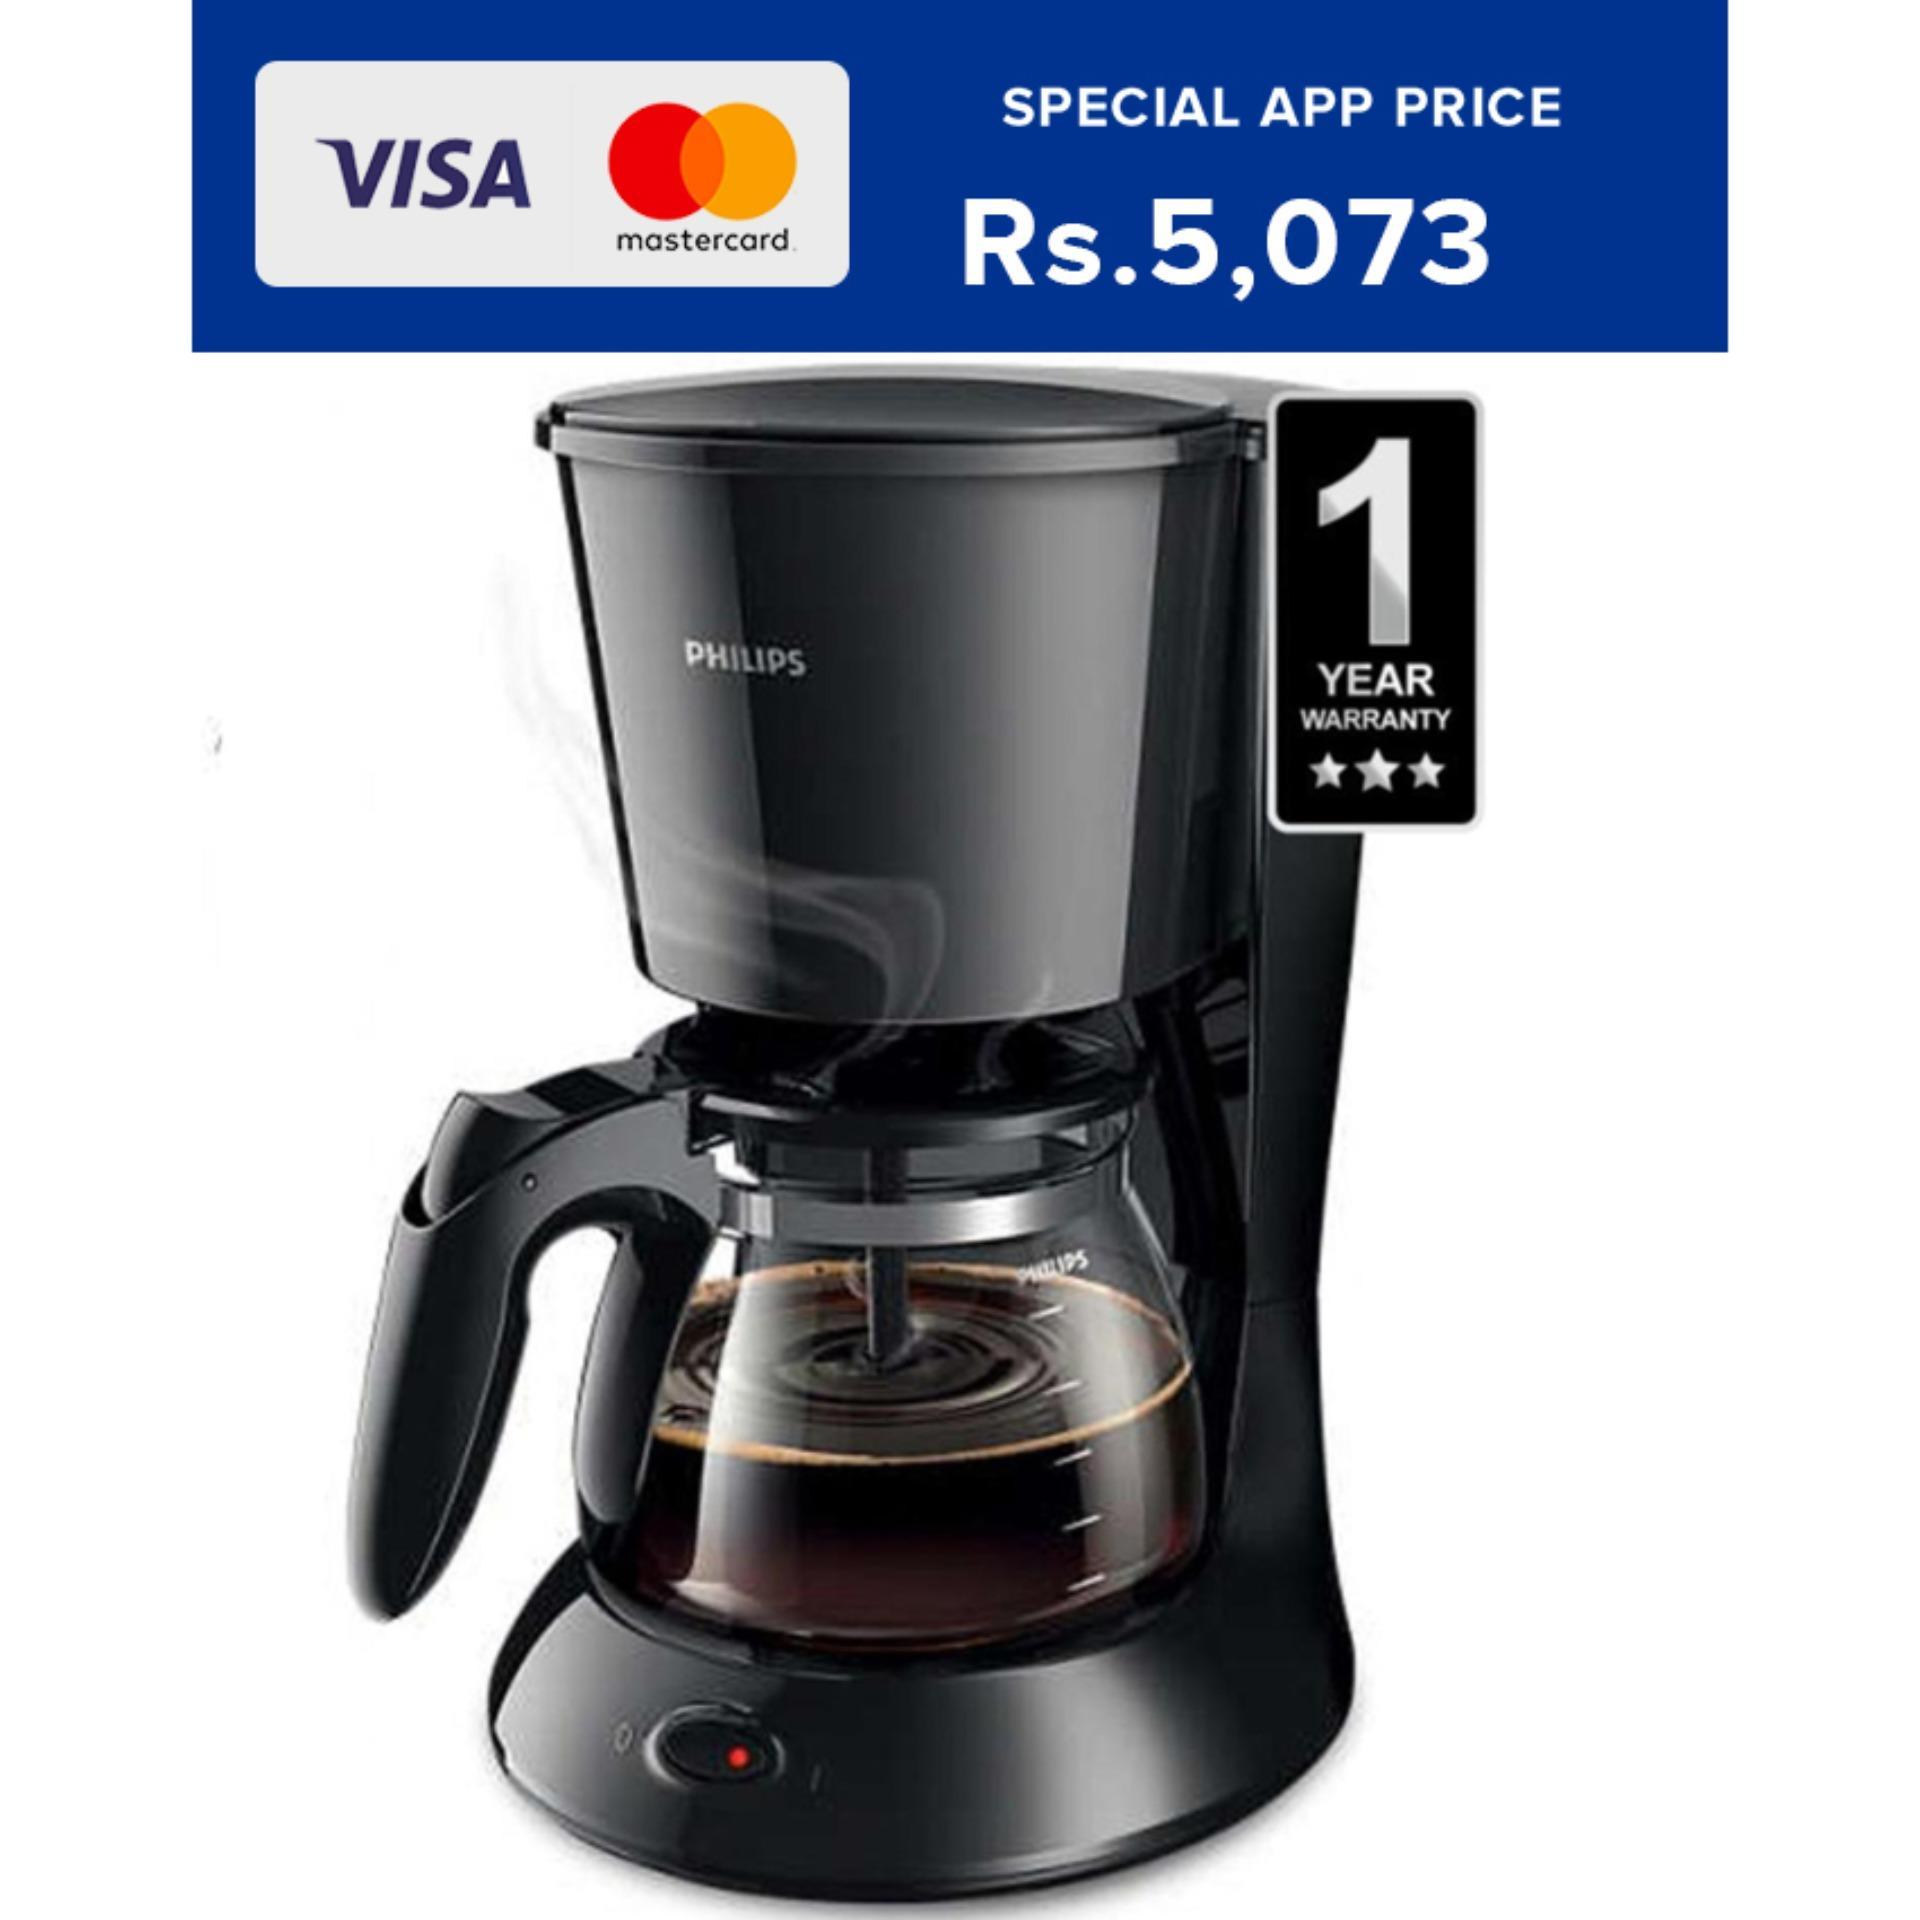 Sharkfruit Plusphilips Buy At Best Philips Juicer Extractor Hr1811 Coffee Maker Hd7447 20